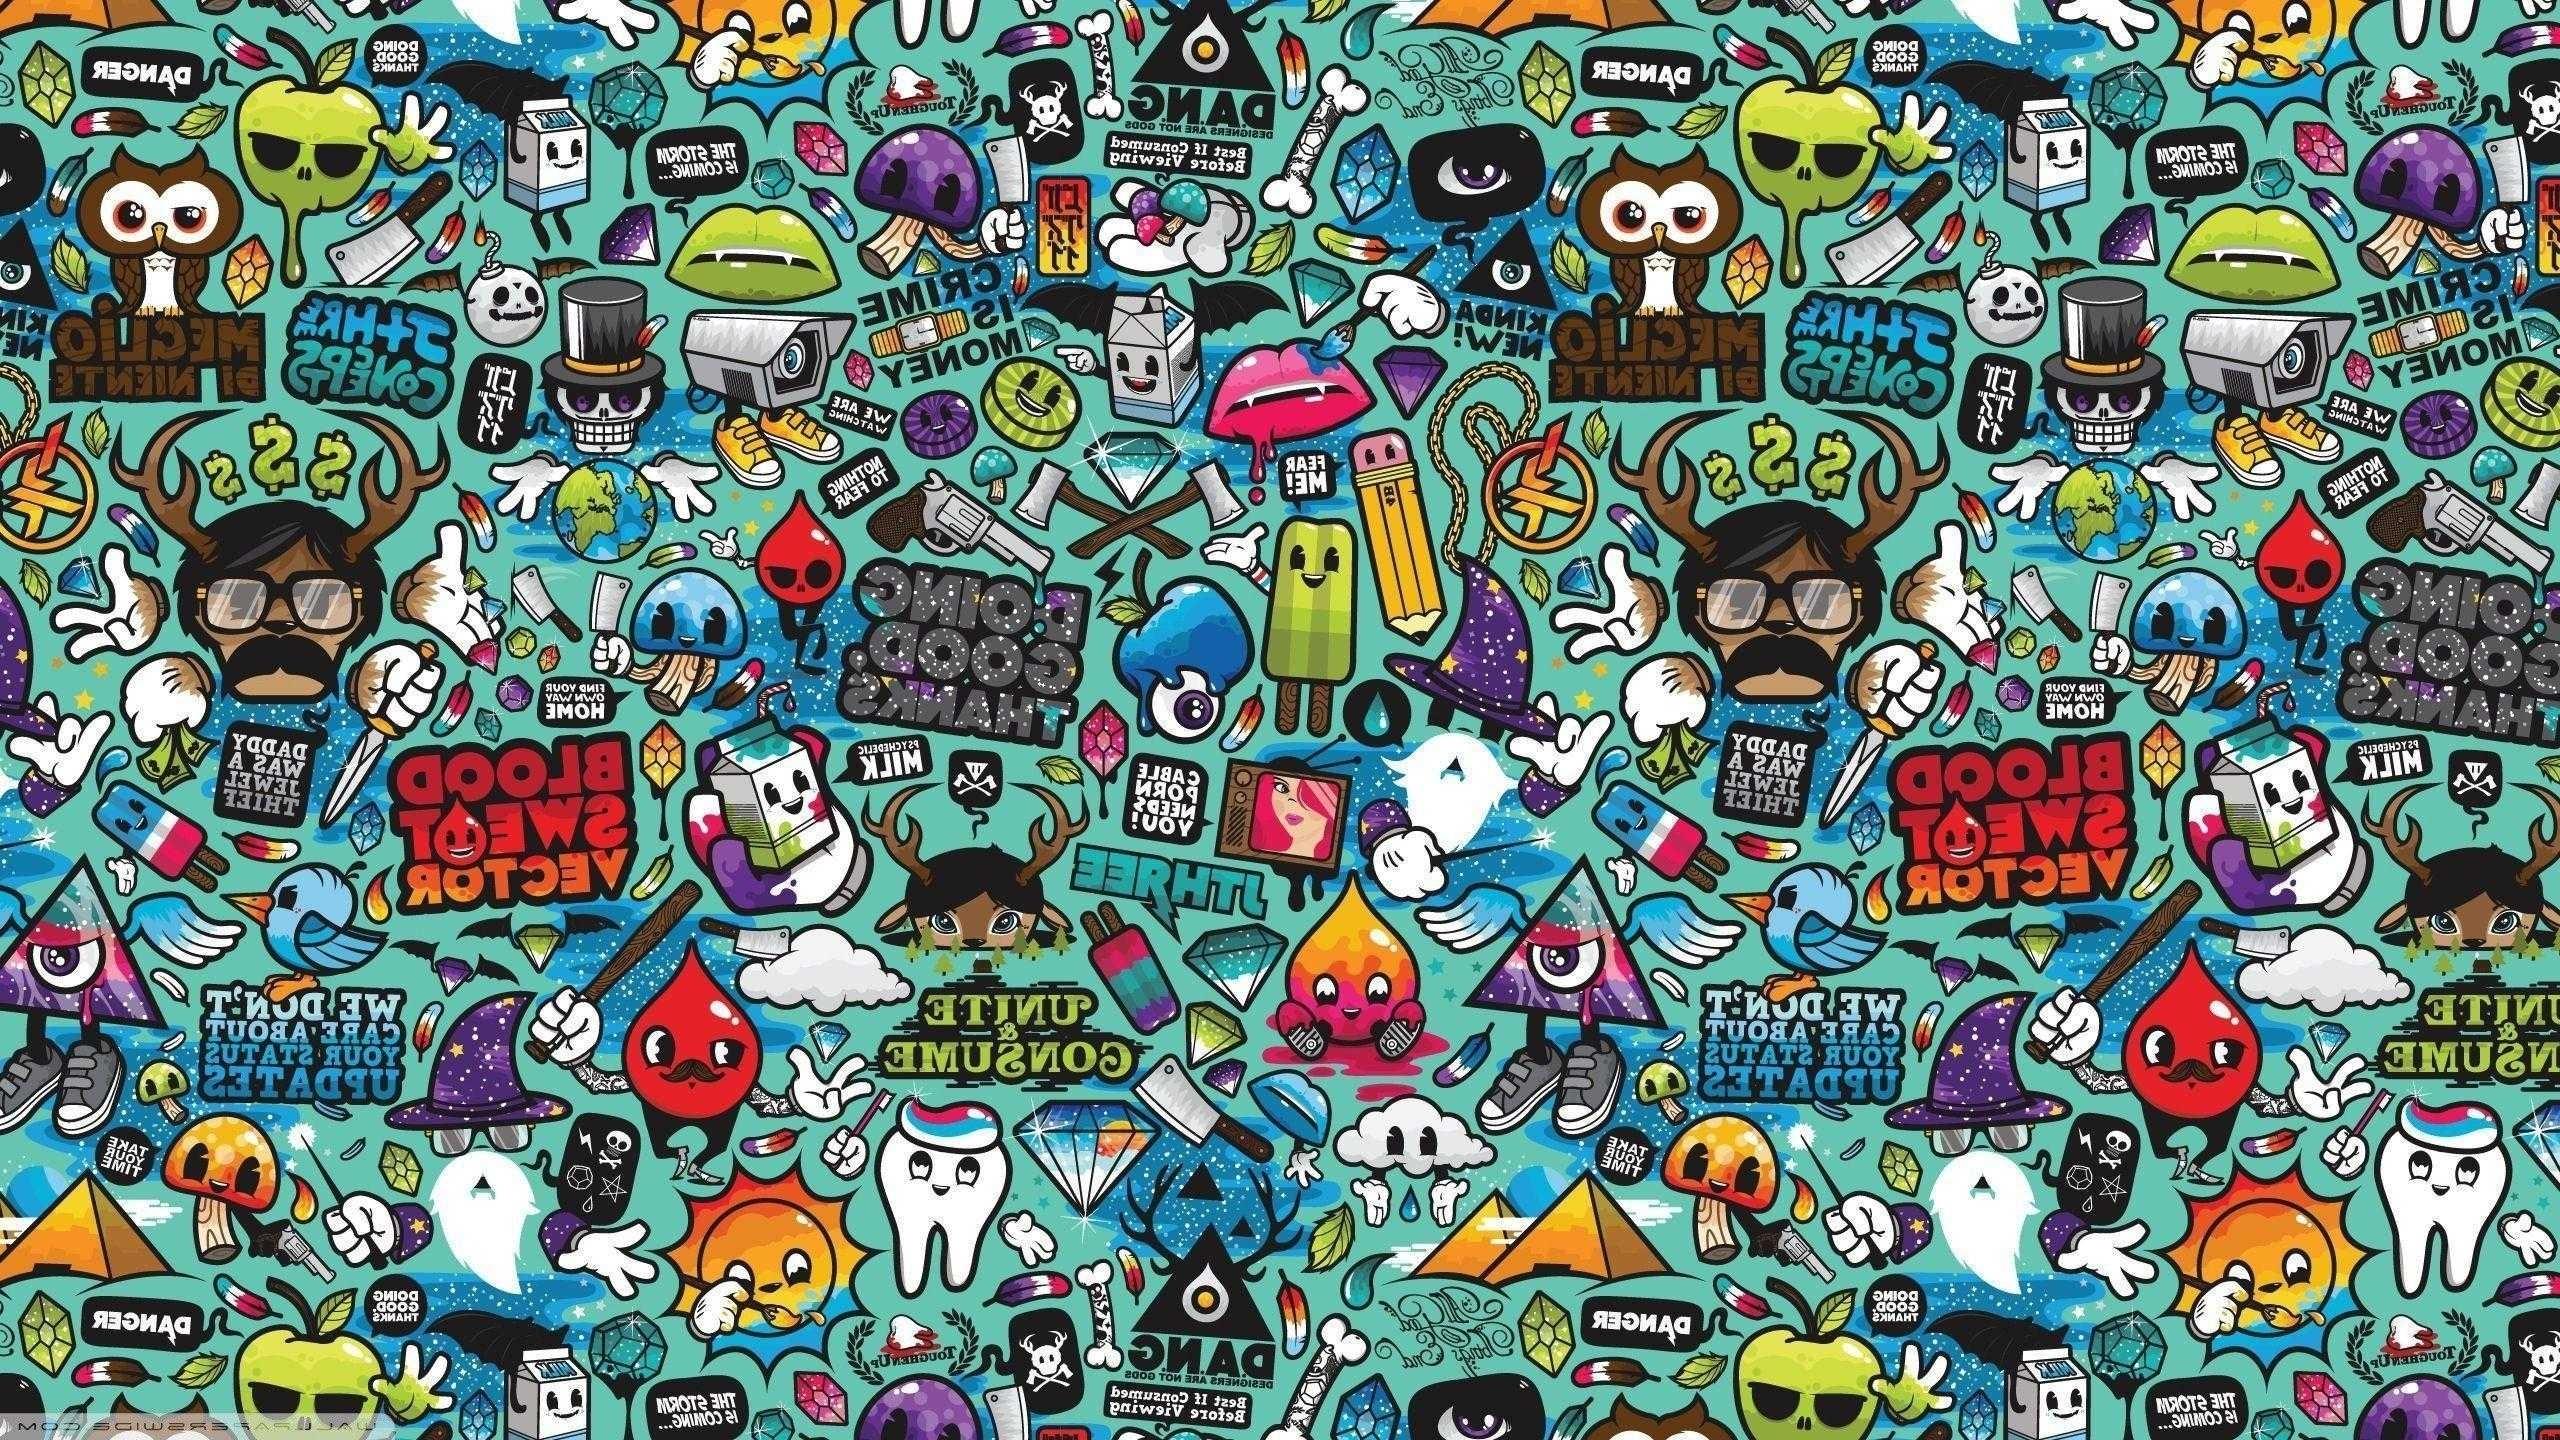 pop art wallpaper 4k desktop for smartphone computer | wallvie